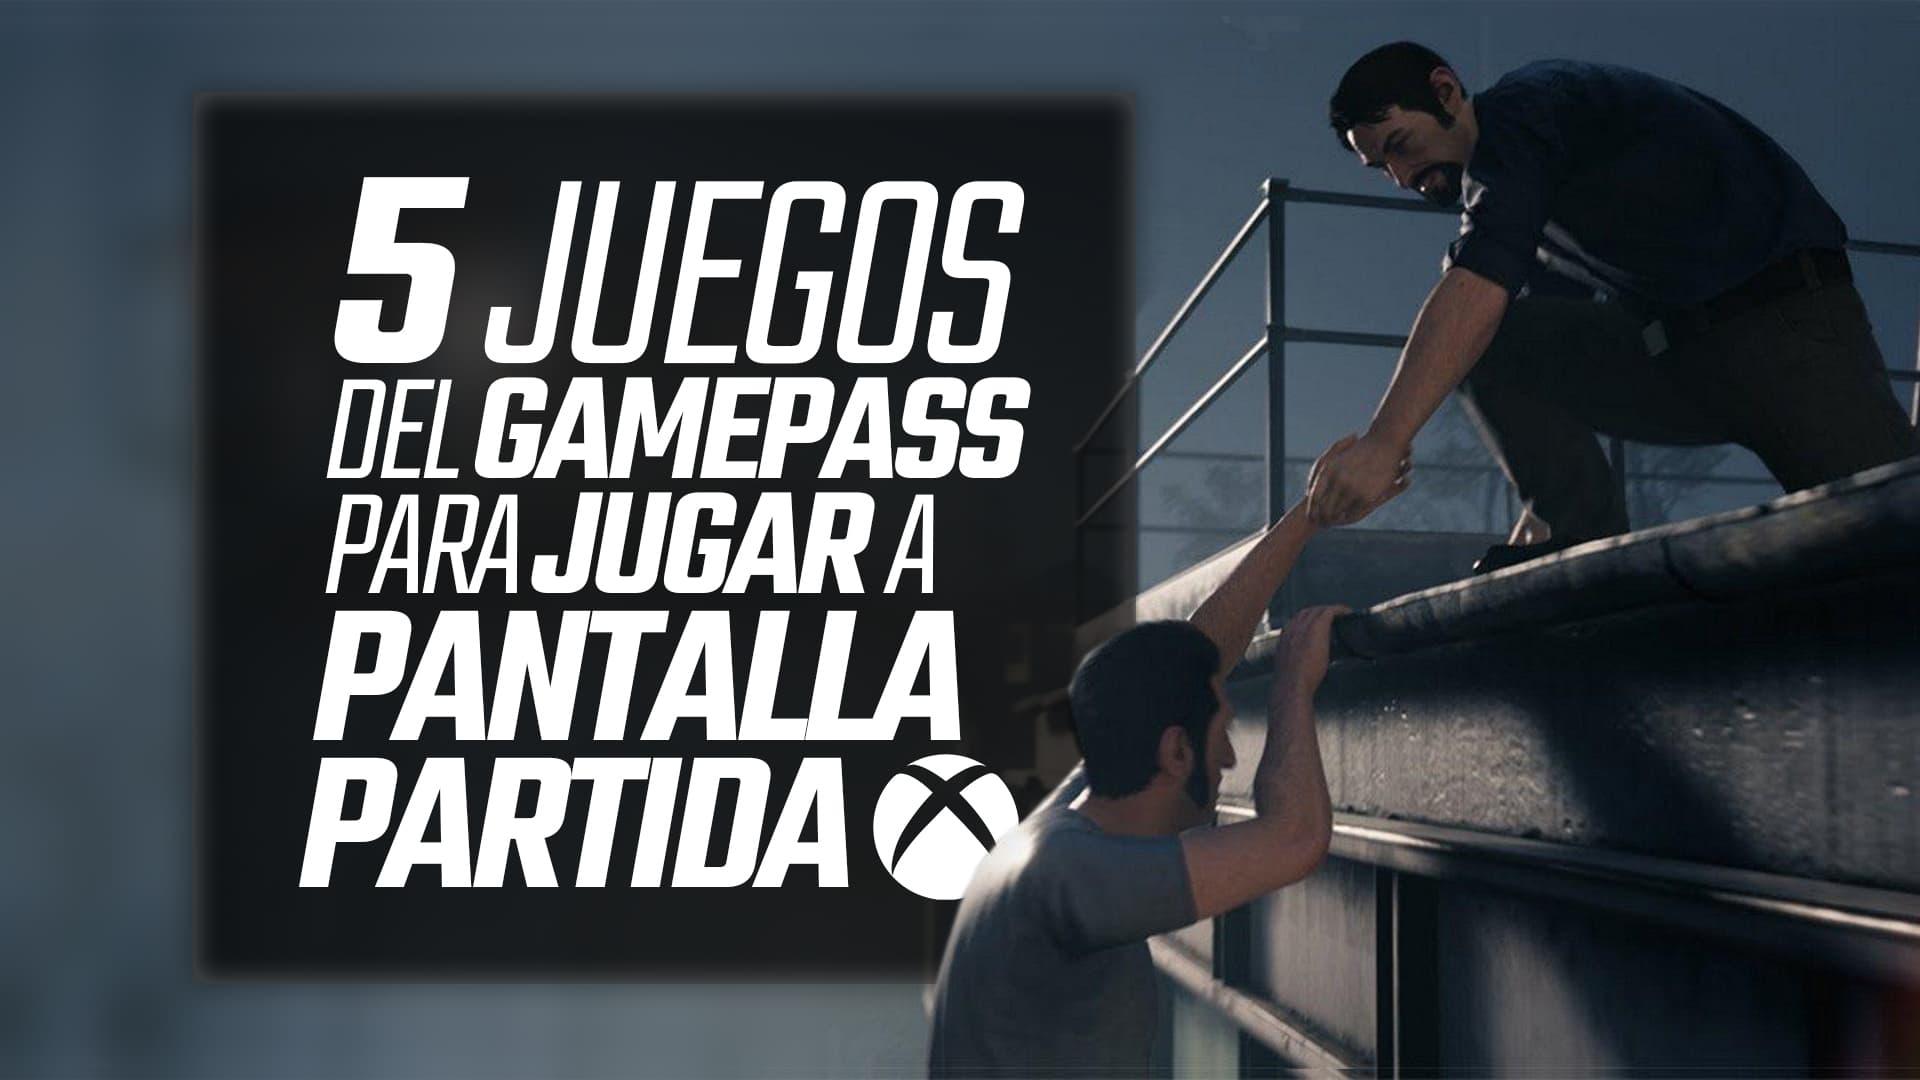 5 juegos de Xbox Game Pass para jugar a pantalla partida 7